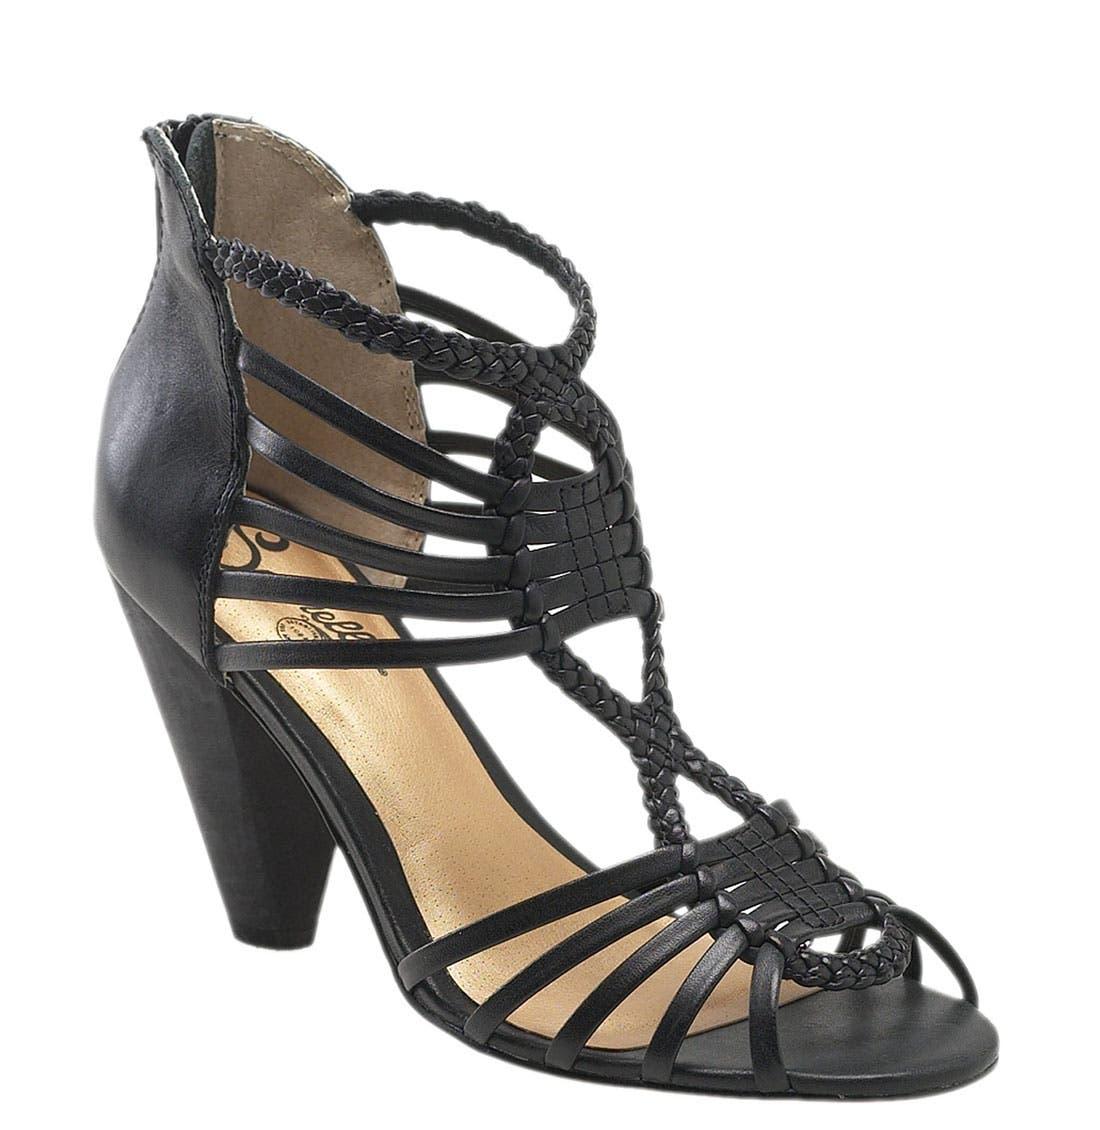 Alternate Image 1 Selected - Seychelles 'She's Got the Moves' Sandal